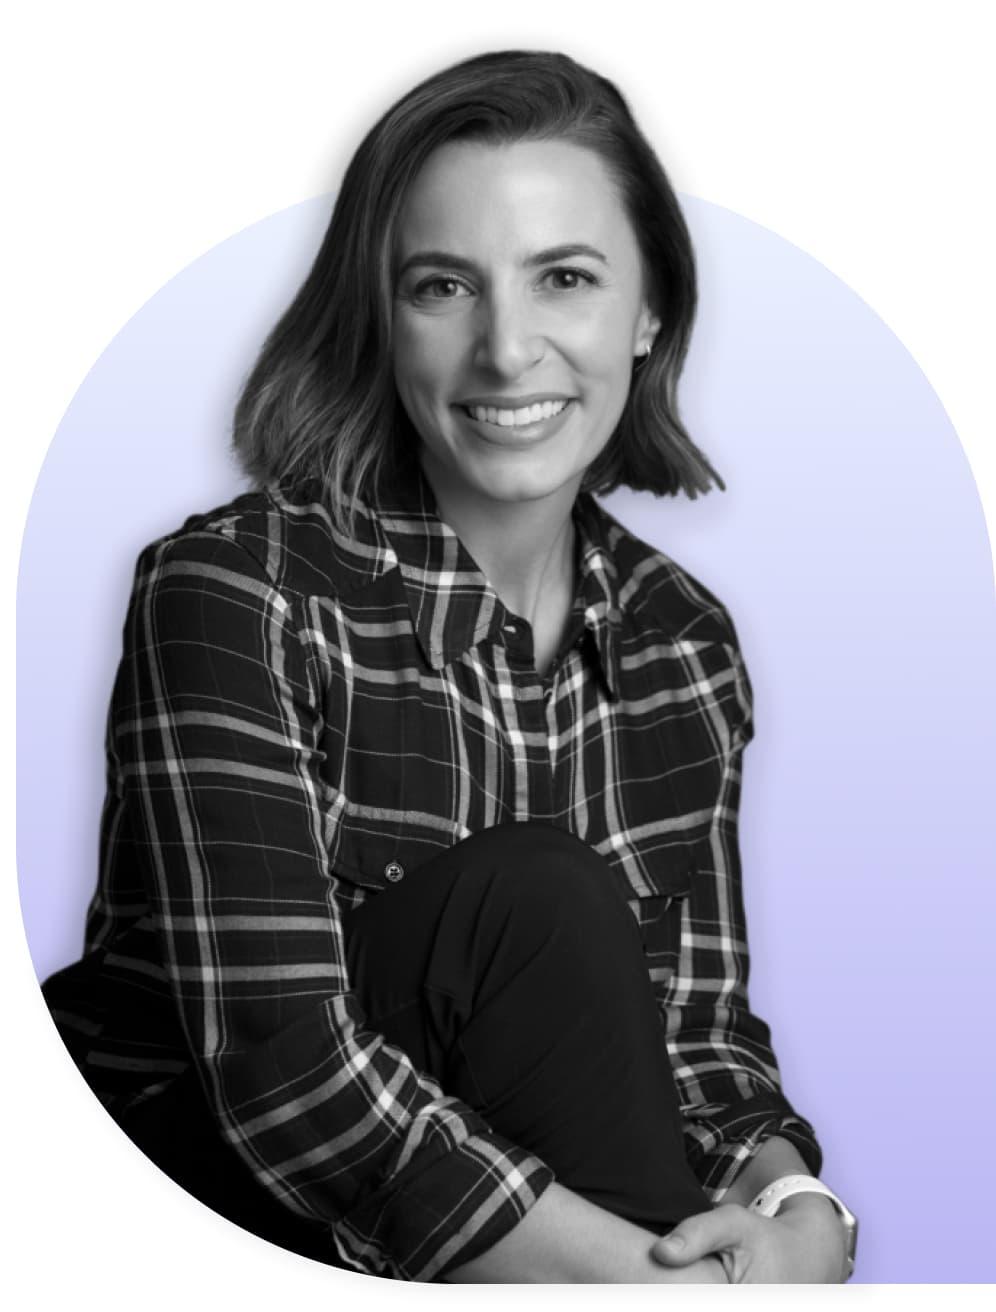 Nicole Warshauer